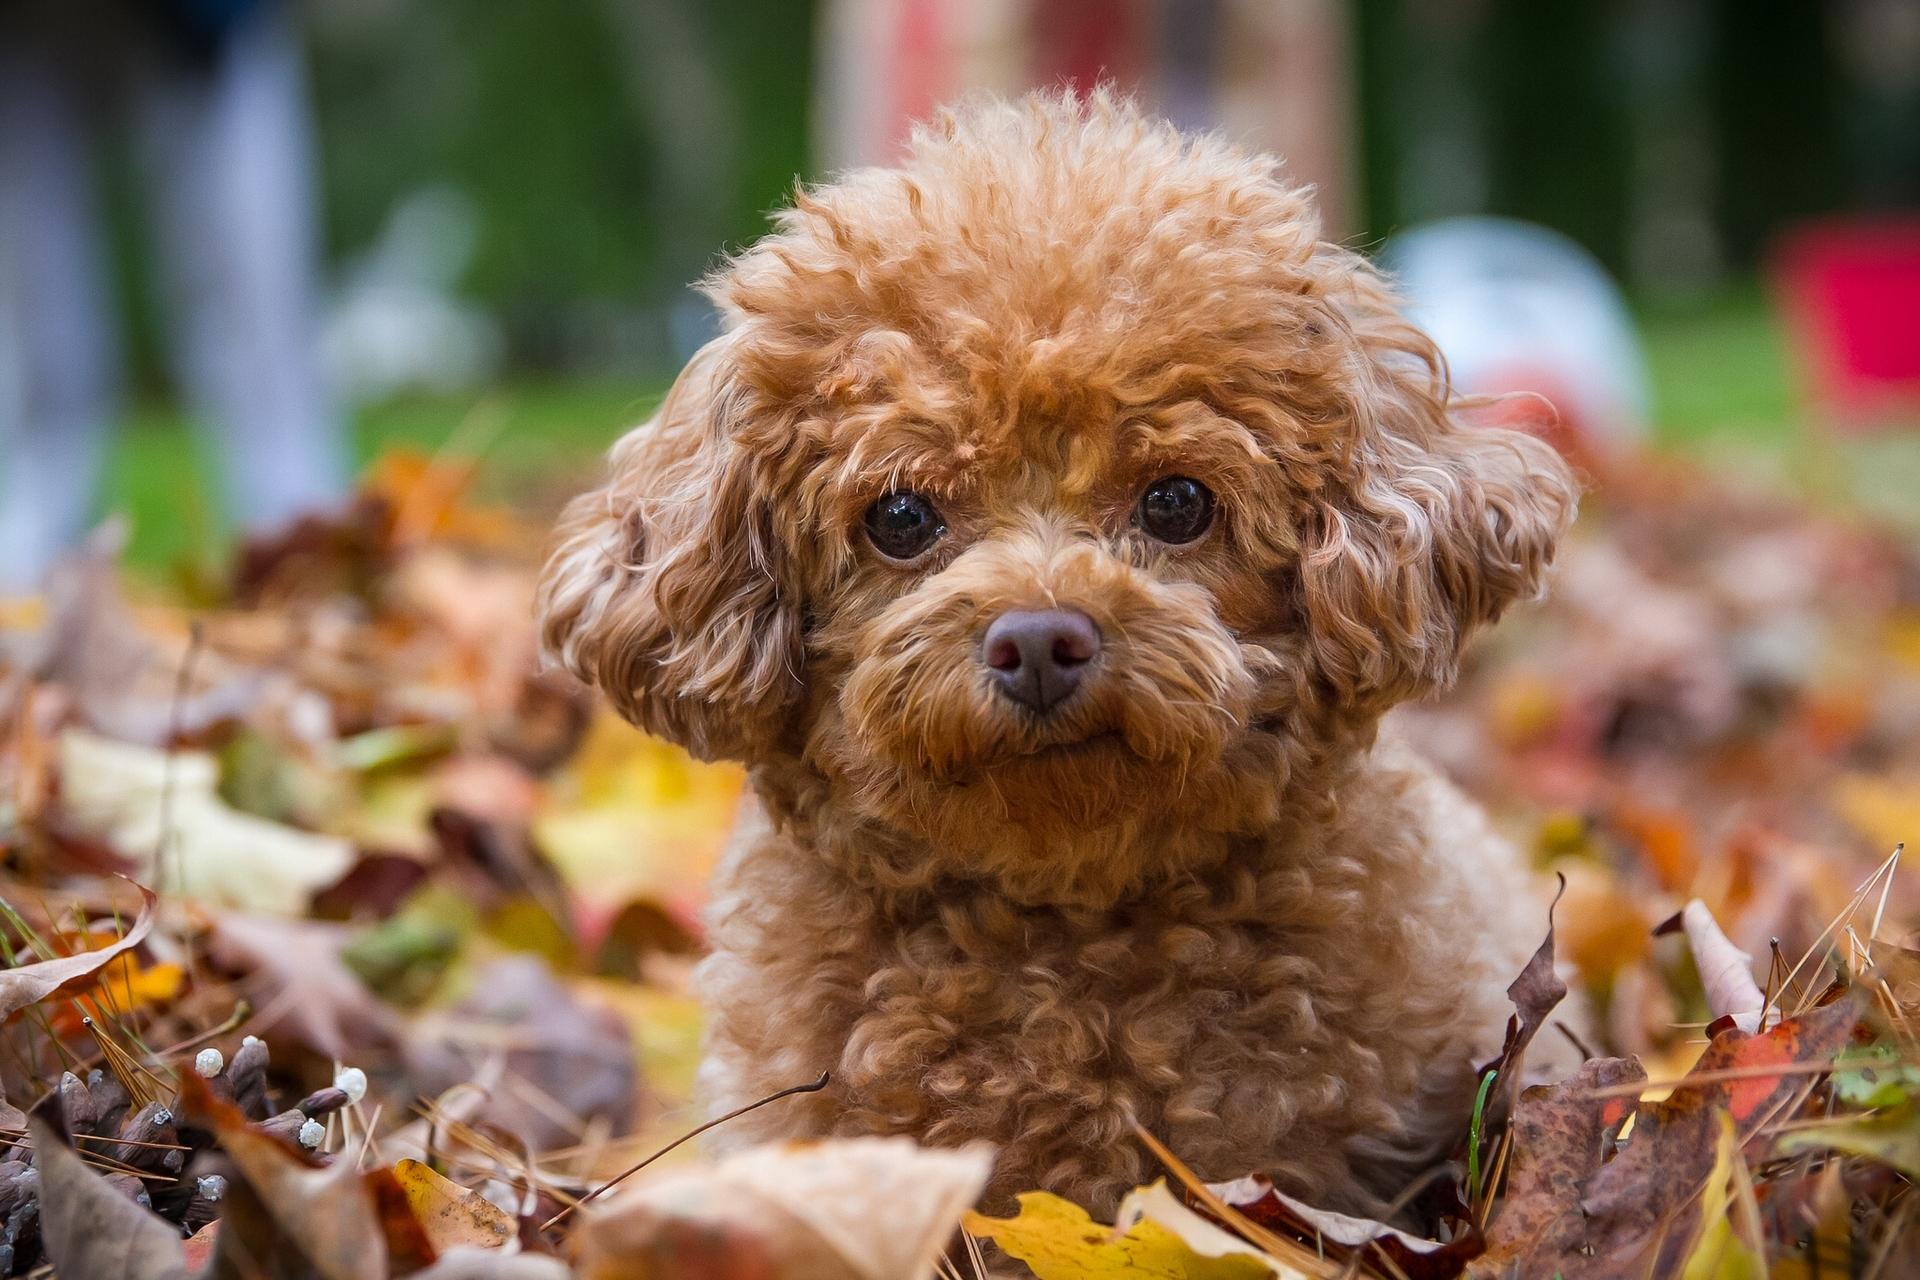 140291 descargar fondo de pantalla Animales, Caniche, Perro, Cachorro, Follaje: protectores de pantalla e imágenes gratis